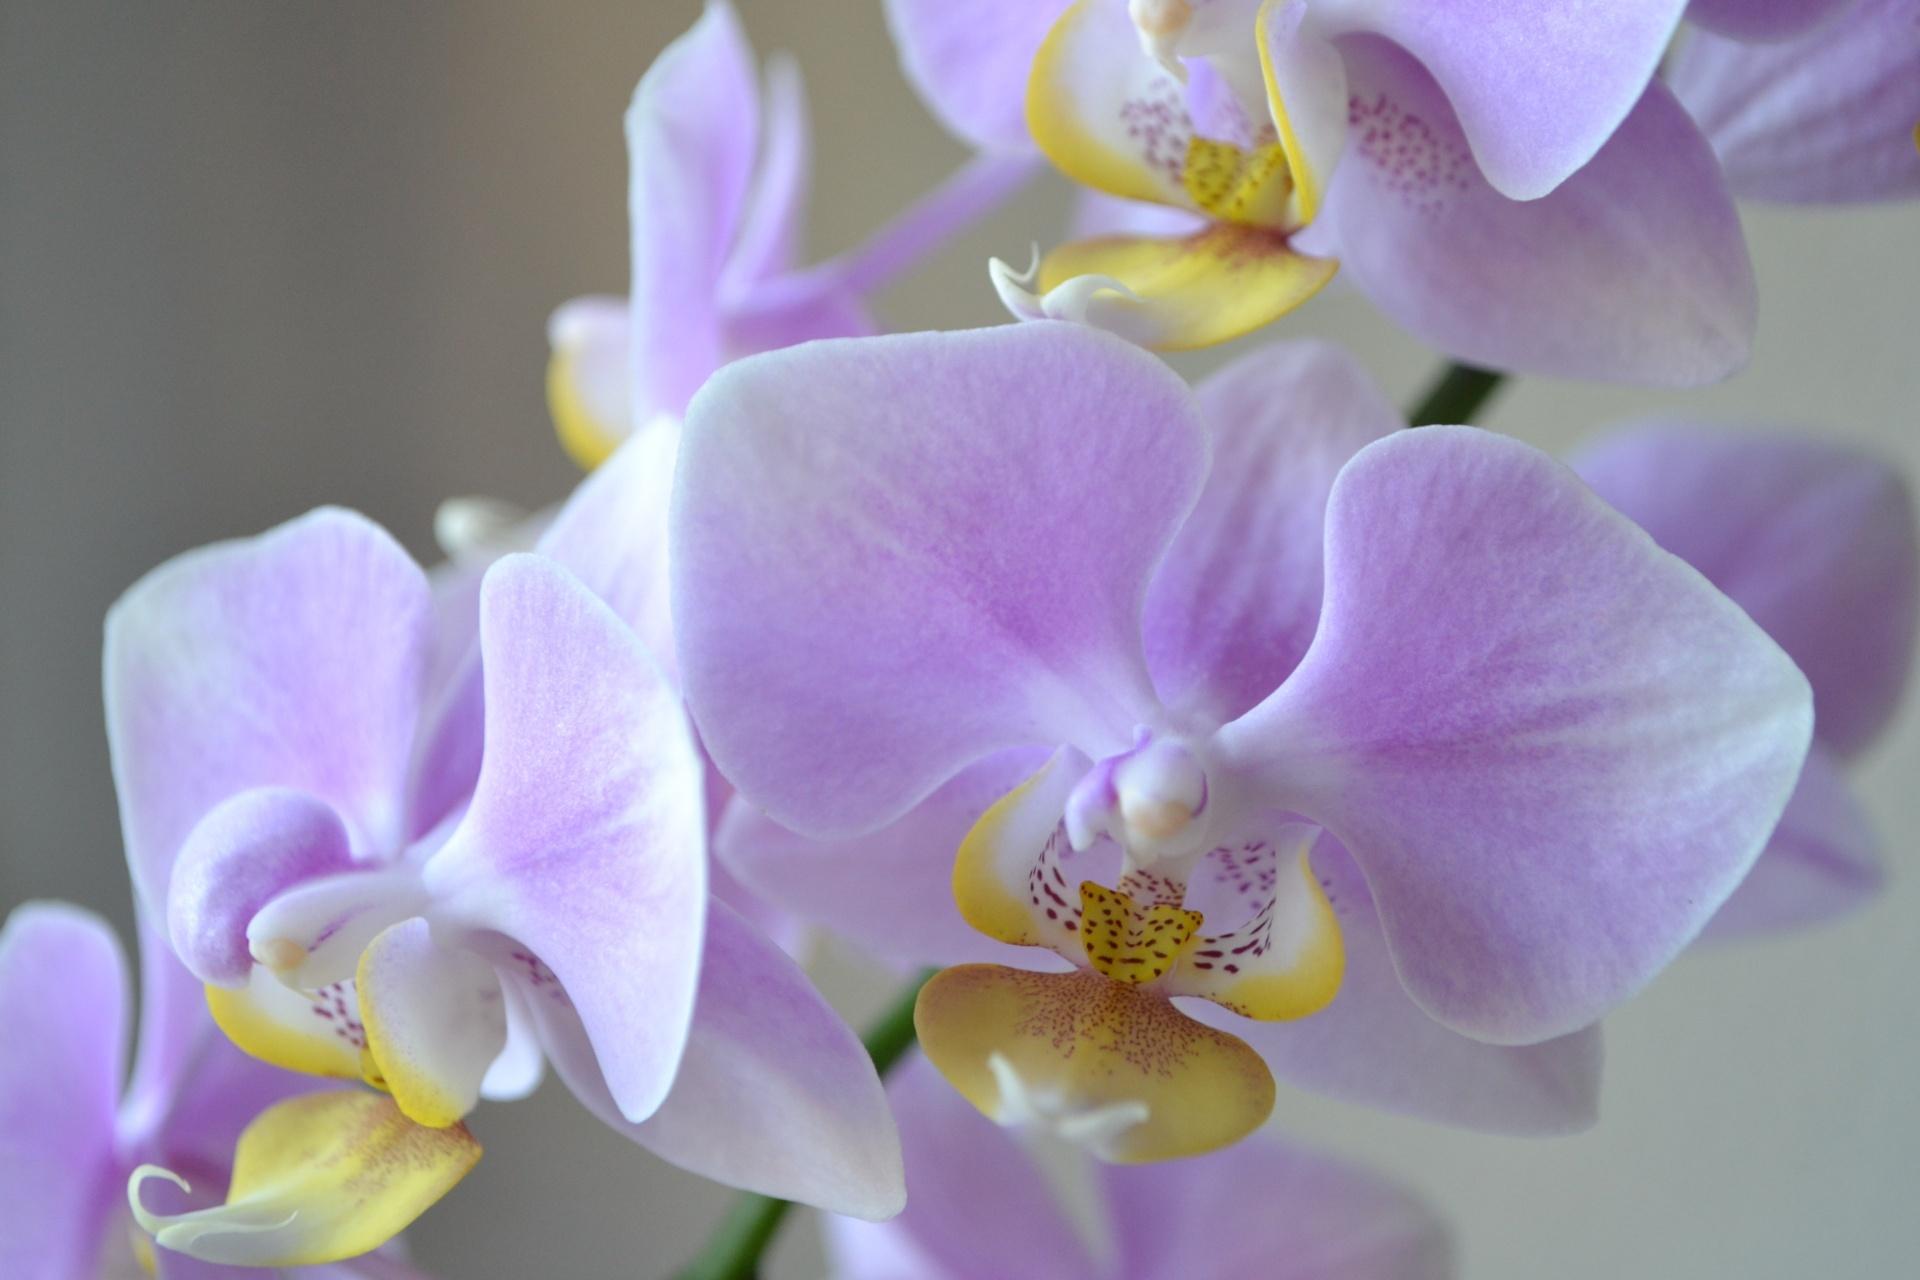 conseils d 39 entretien pour les orchid es. Black Bedroom Furniture Sets. Home Design Ideas